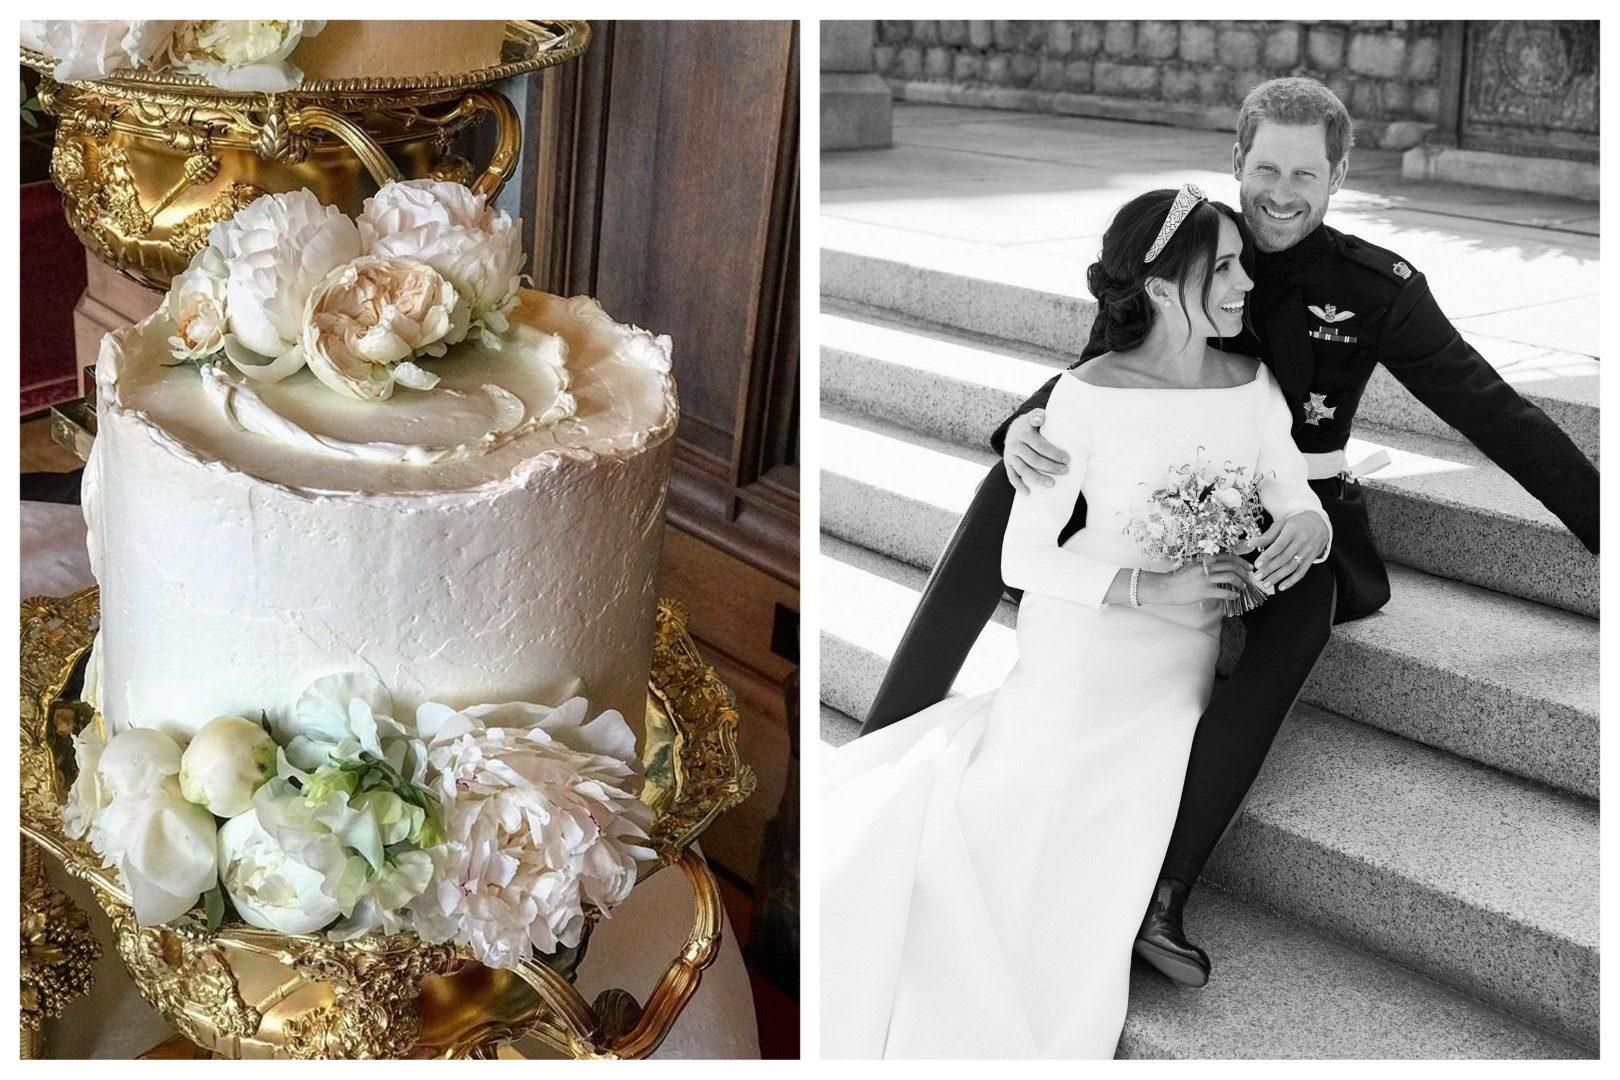 Fókuszban Meghan és Harry esküvői tortája